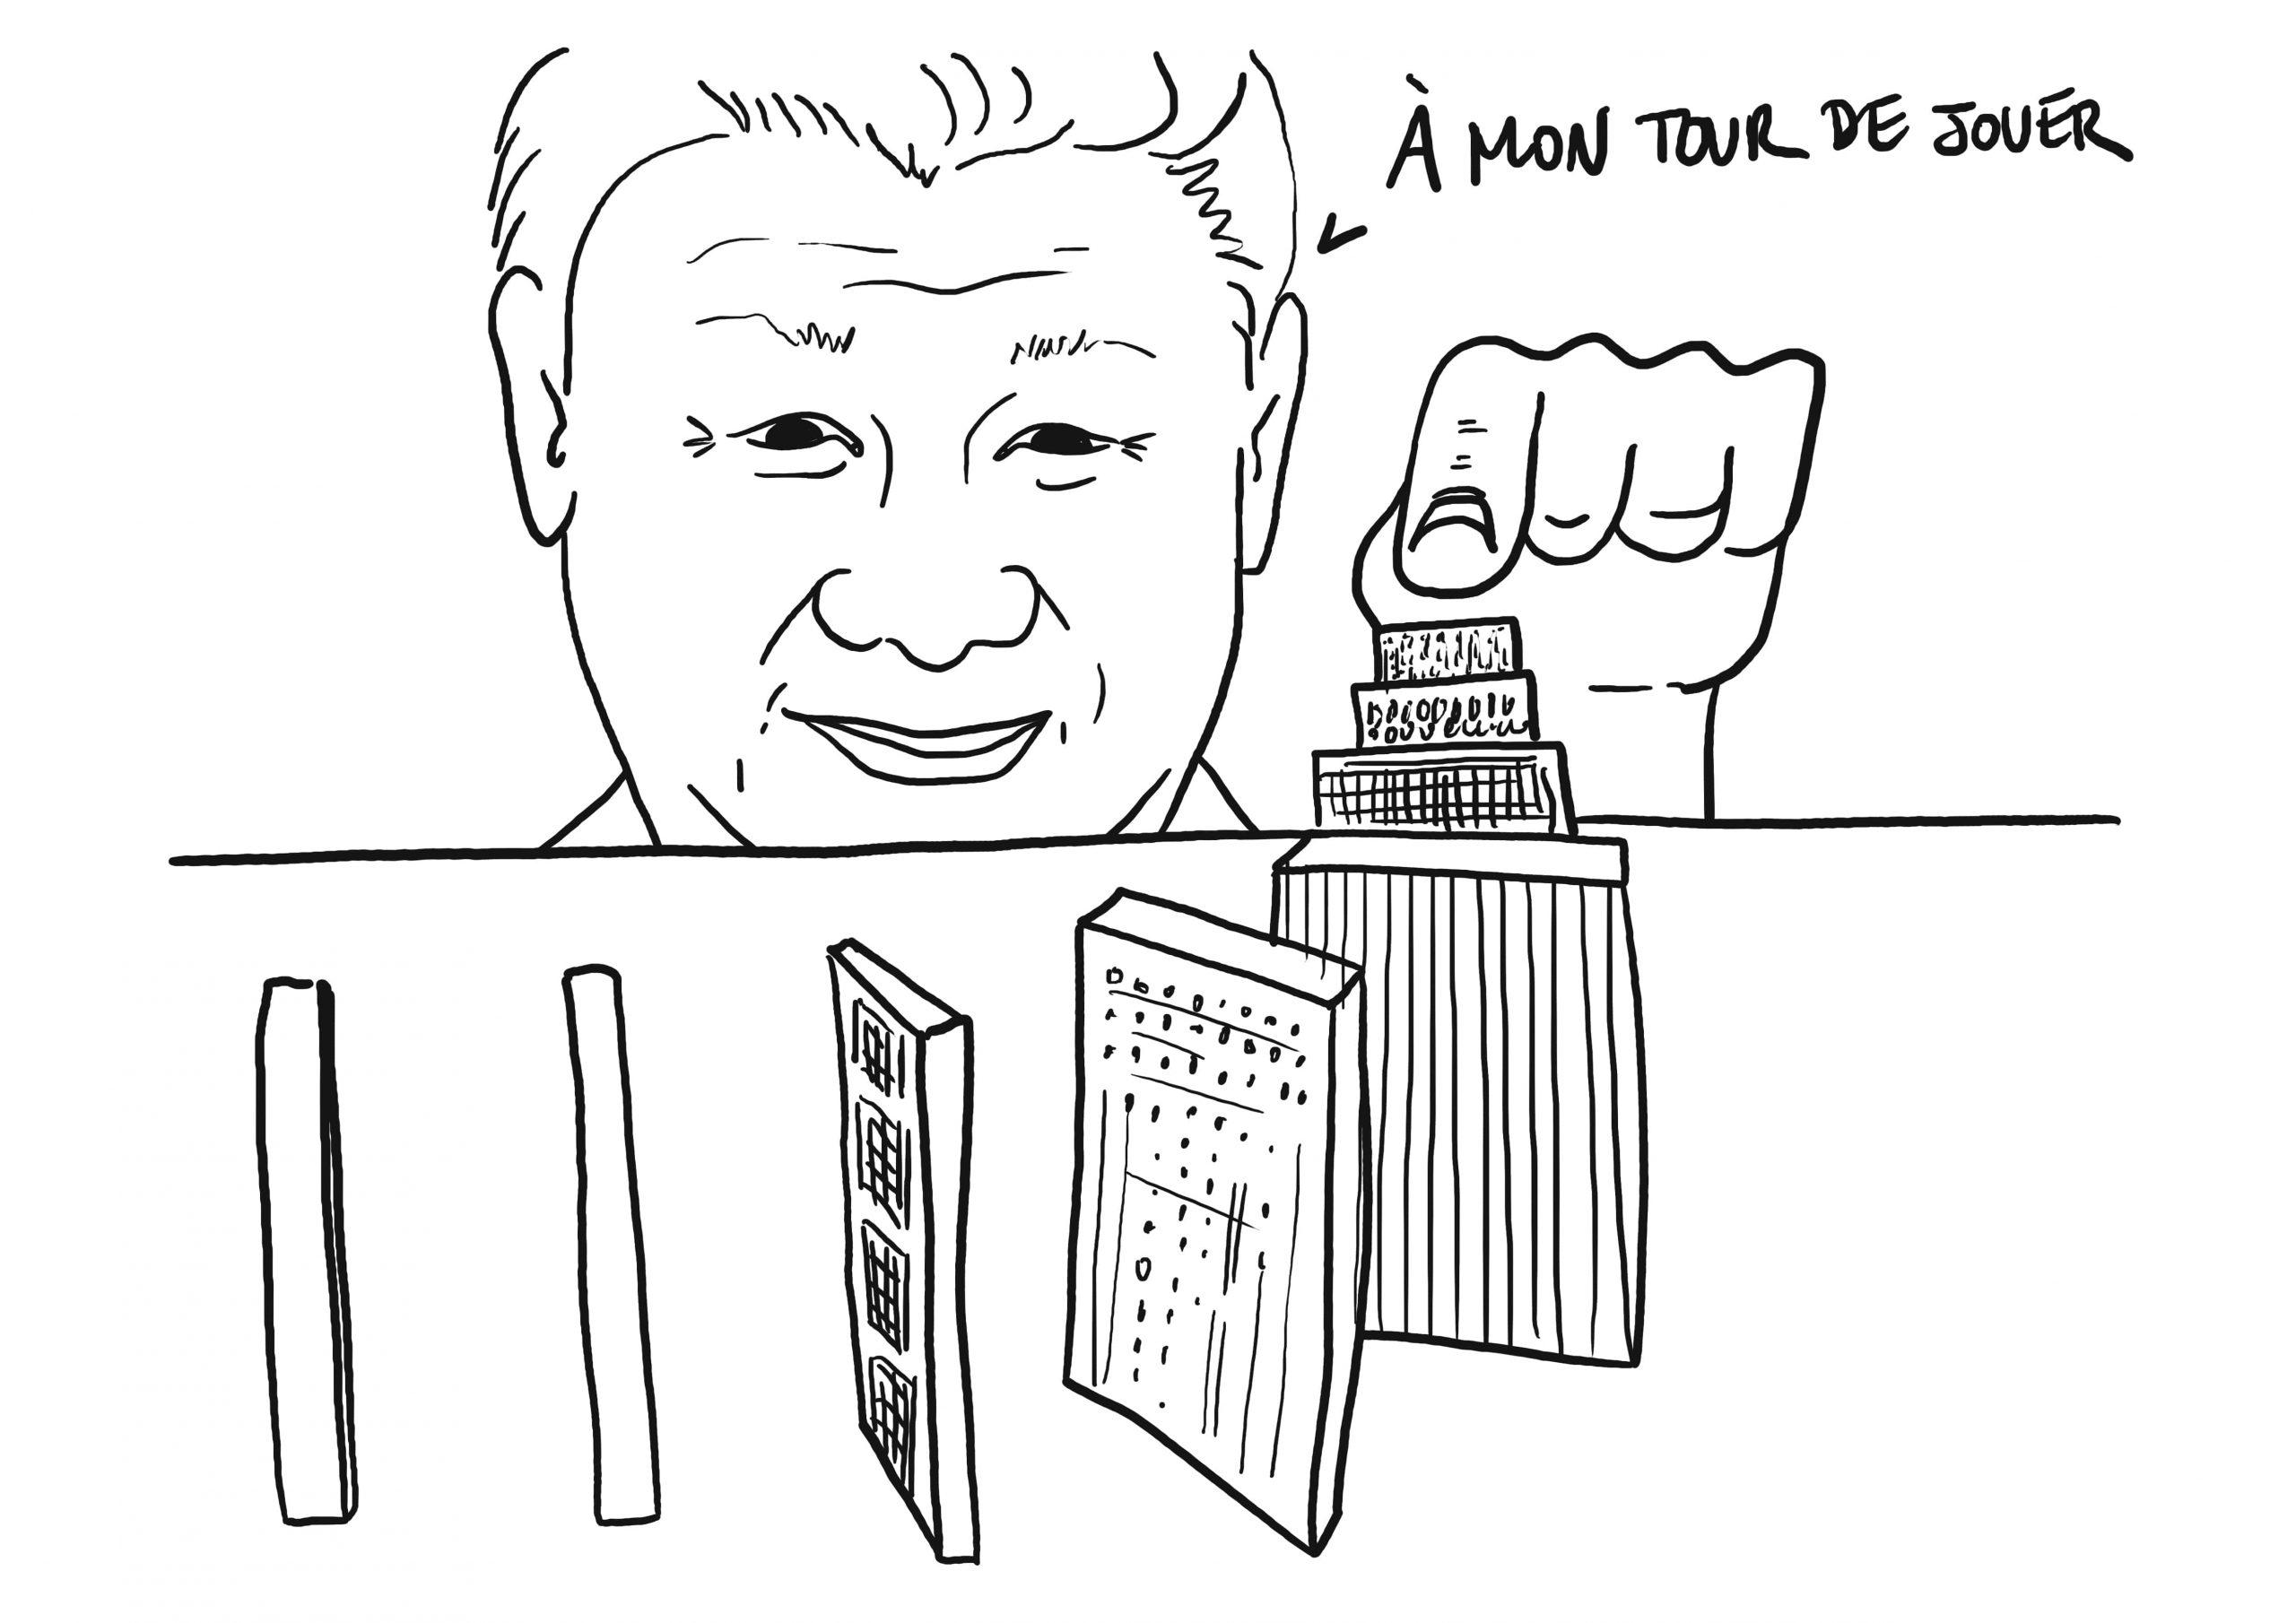 Chine : Evergrande, le domino de l'immobilier dont la chute effraie les marchés